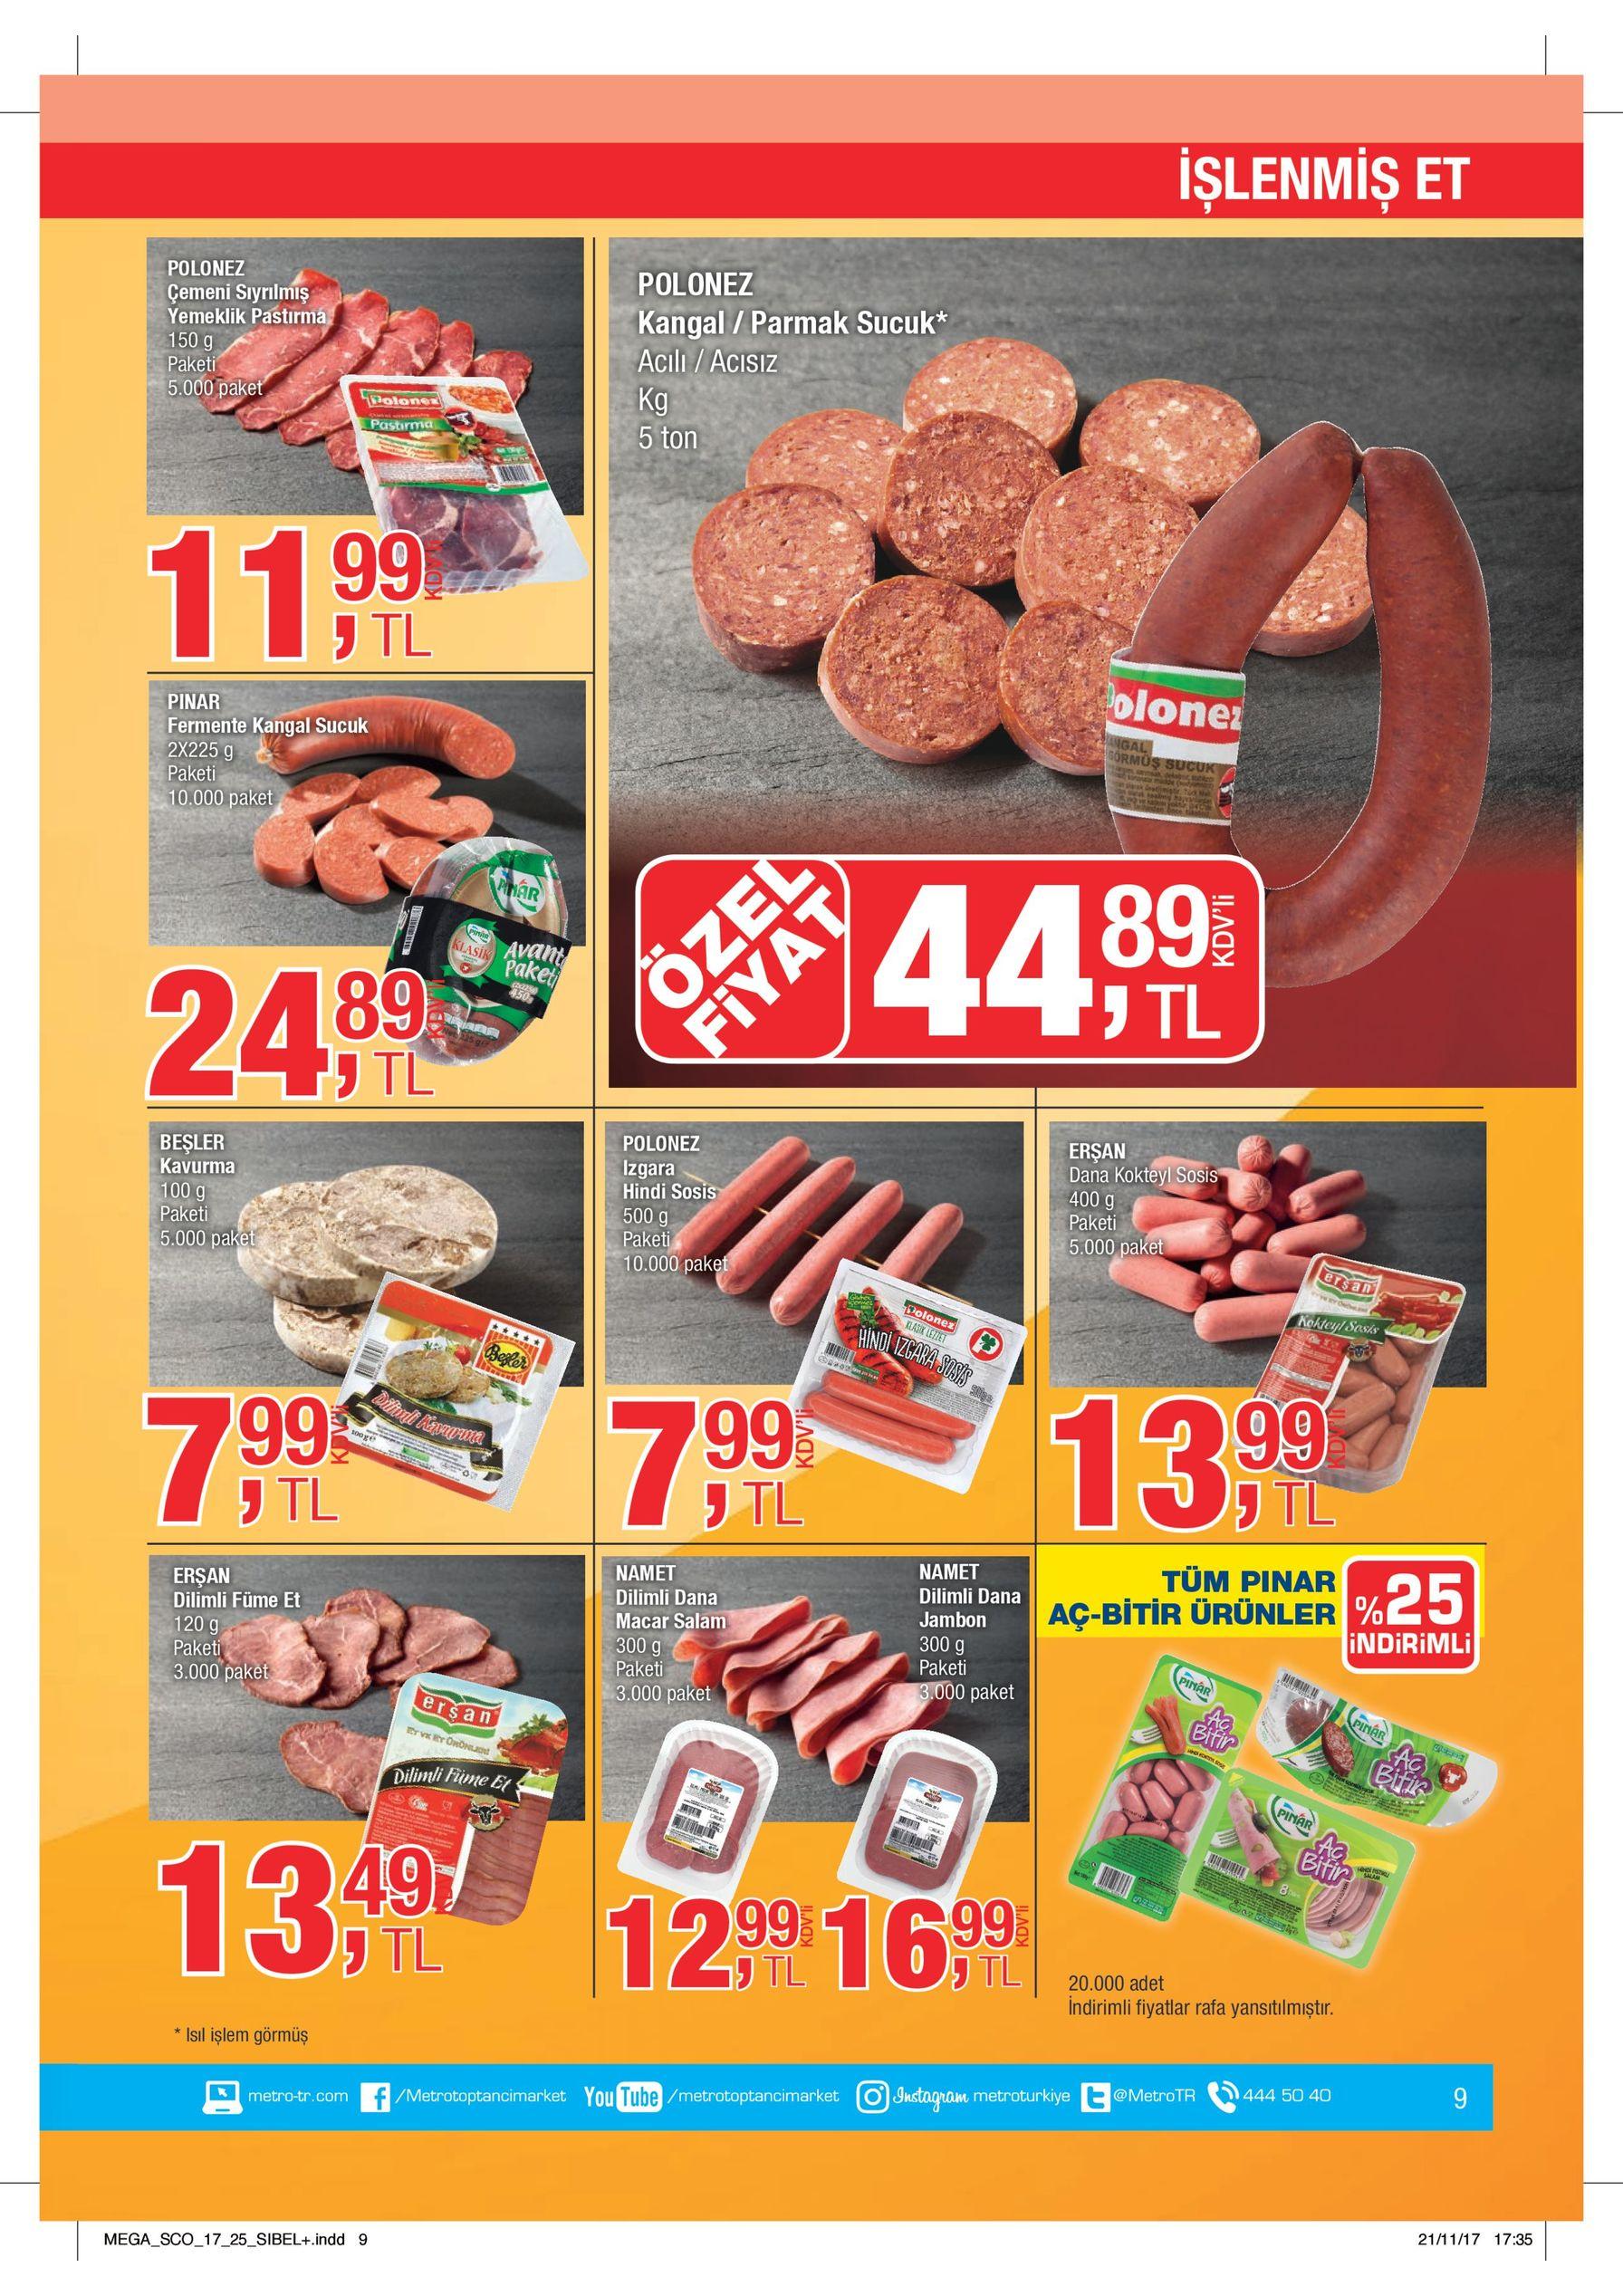 polonez yemeklik pastırma 5.000 paket 11 pinar paketige kangal sucuk 10.000 paket 24 kavurma paketi 5.000 paket ,9 7 dilimli füme et paketi 3.000 paket 13 * belirtilen fiyatların kdv oranı %8 dir.yasa gereği aldıkları ürünü aynen veya işledikten sonra satan müşterilerimiz için uygulanan kdv oranı %1, diğer müşterilerimiz için %8'dir.